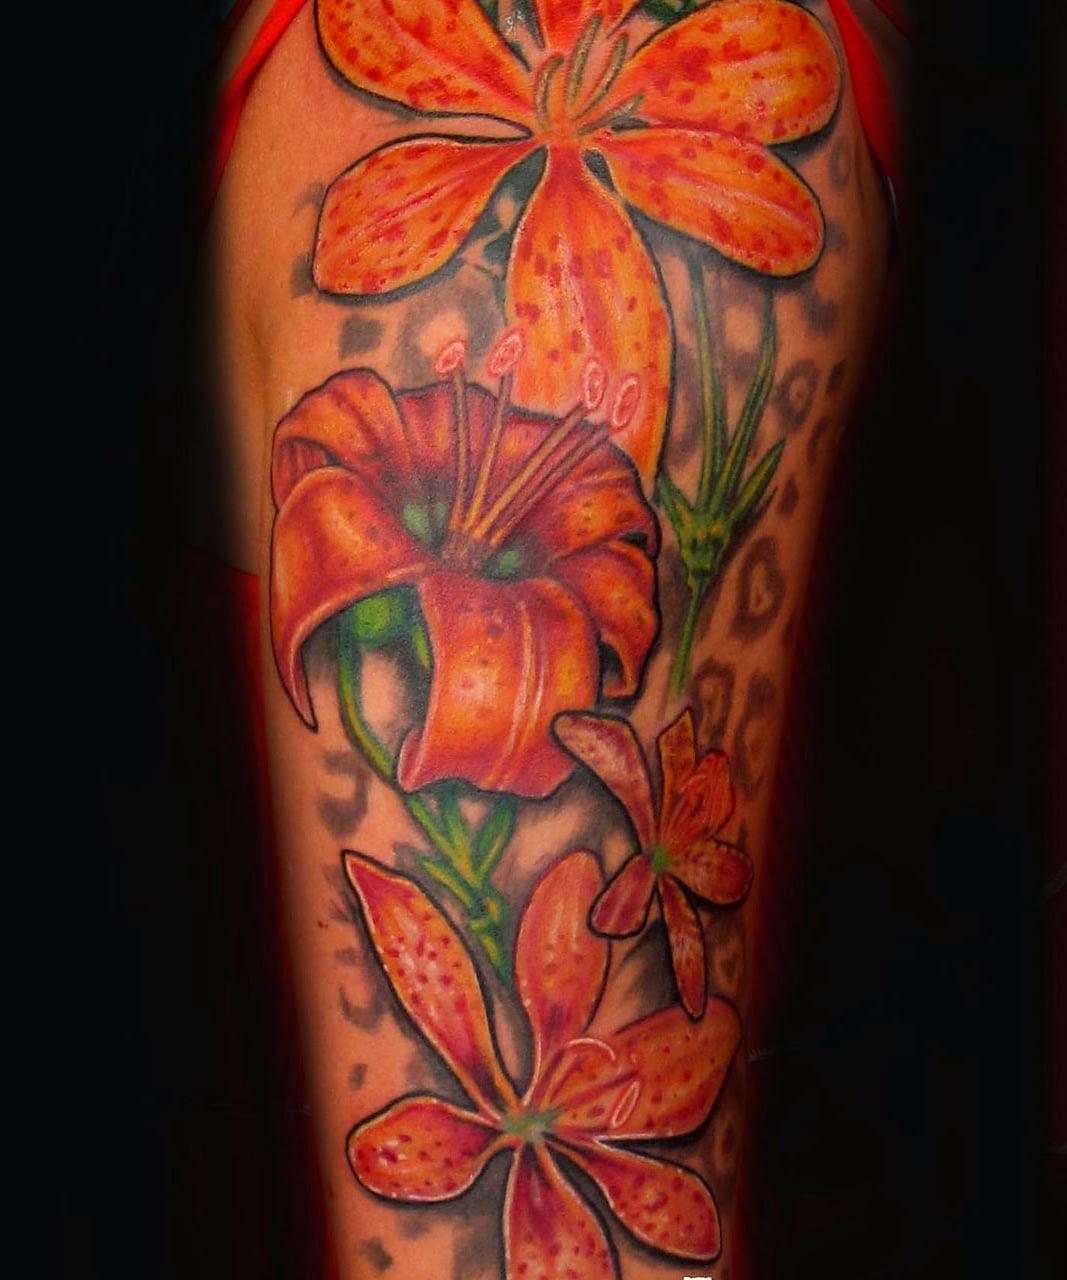 Flower Half Sleeve Tattoos For Men Cool Tattoos Bonbaden